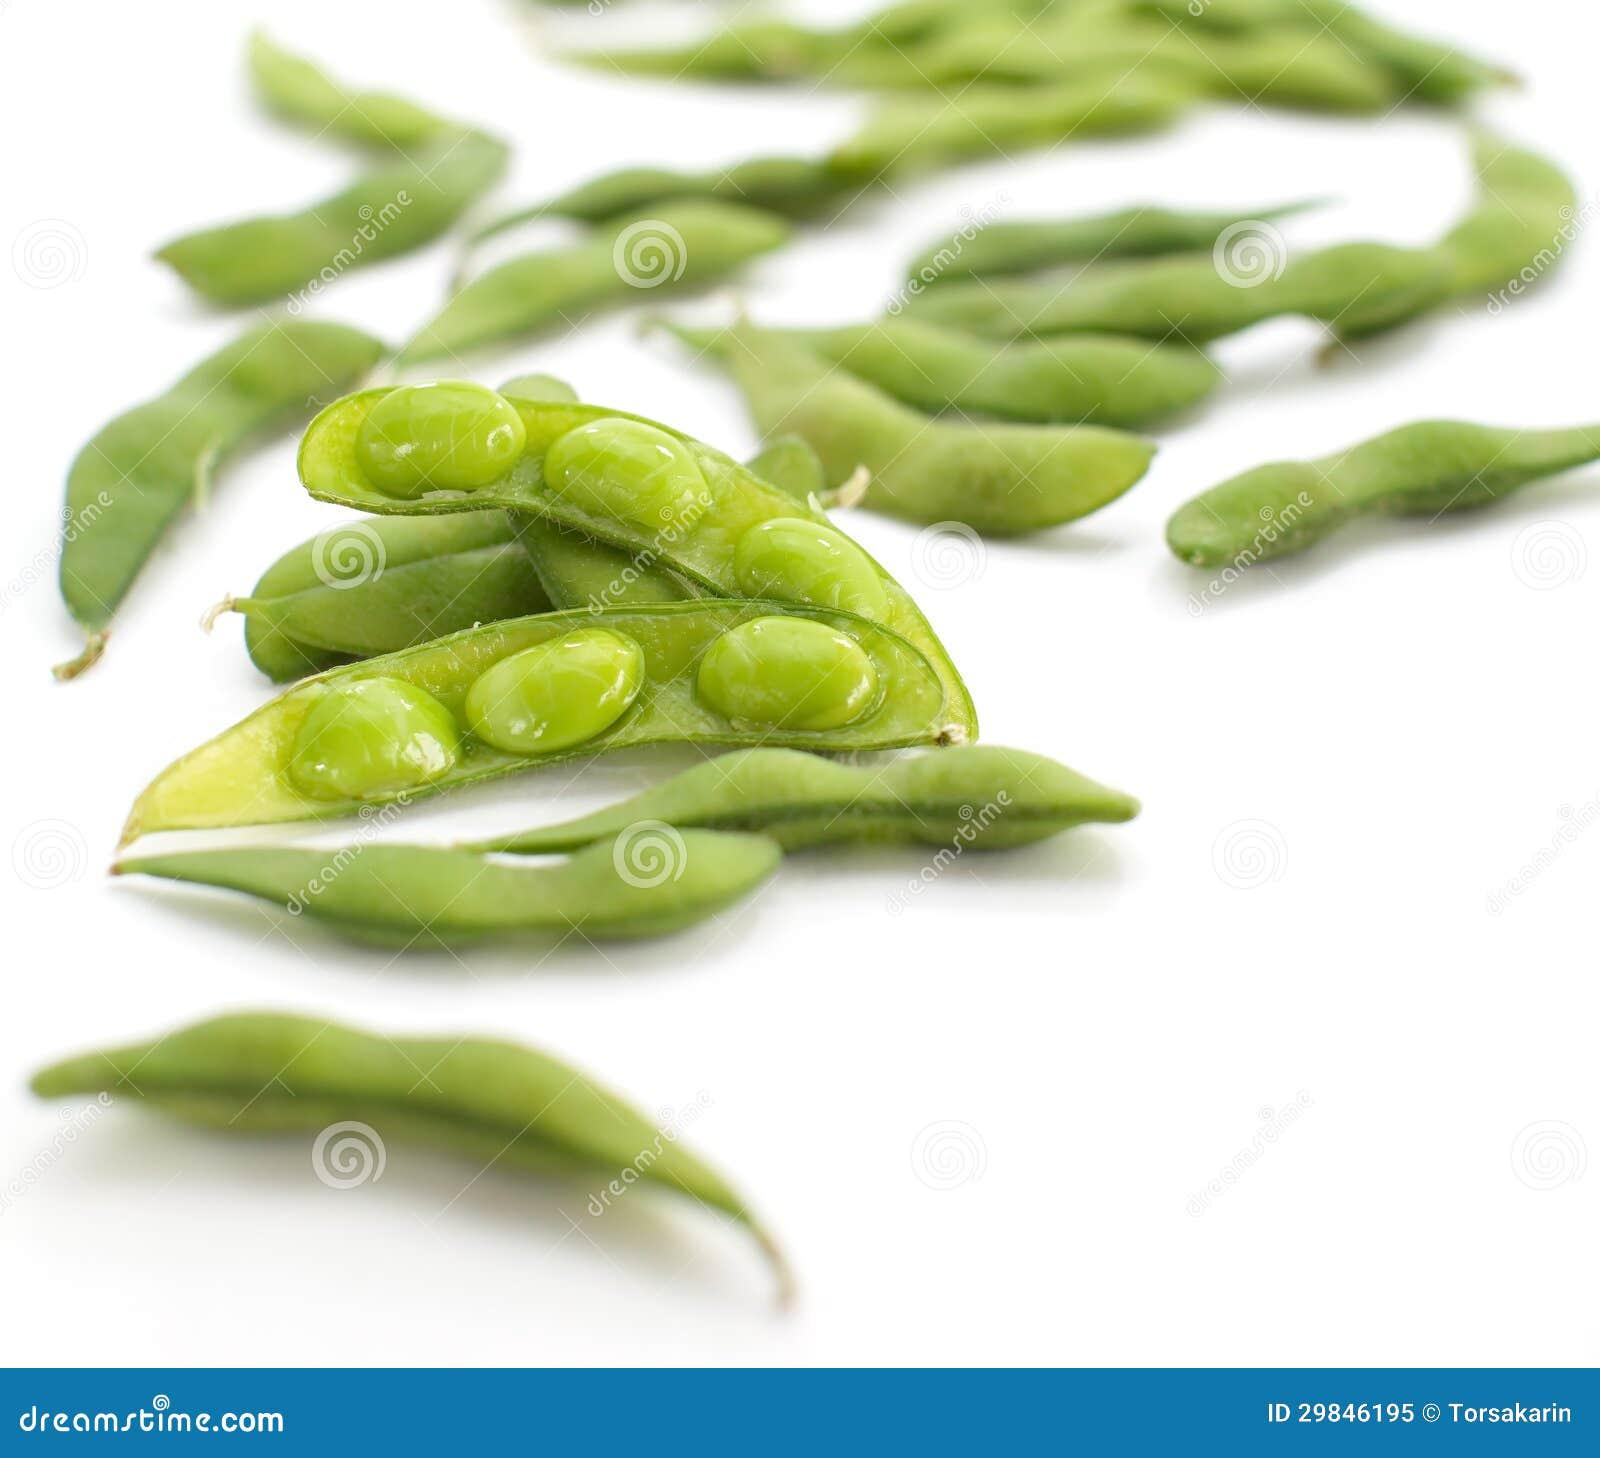 Mordiscos de Edamame, habas verdes hervidas de la soja, comida japonesa